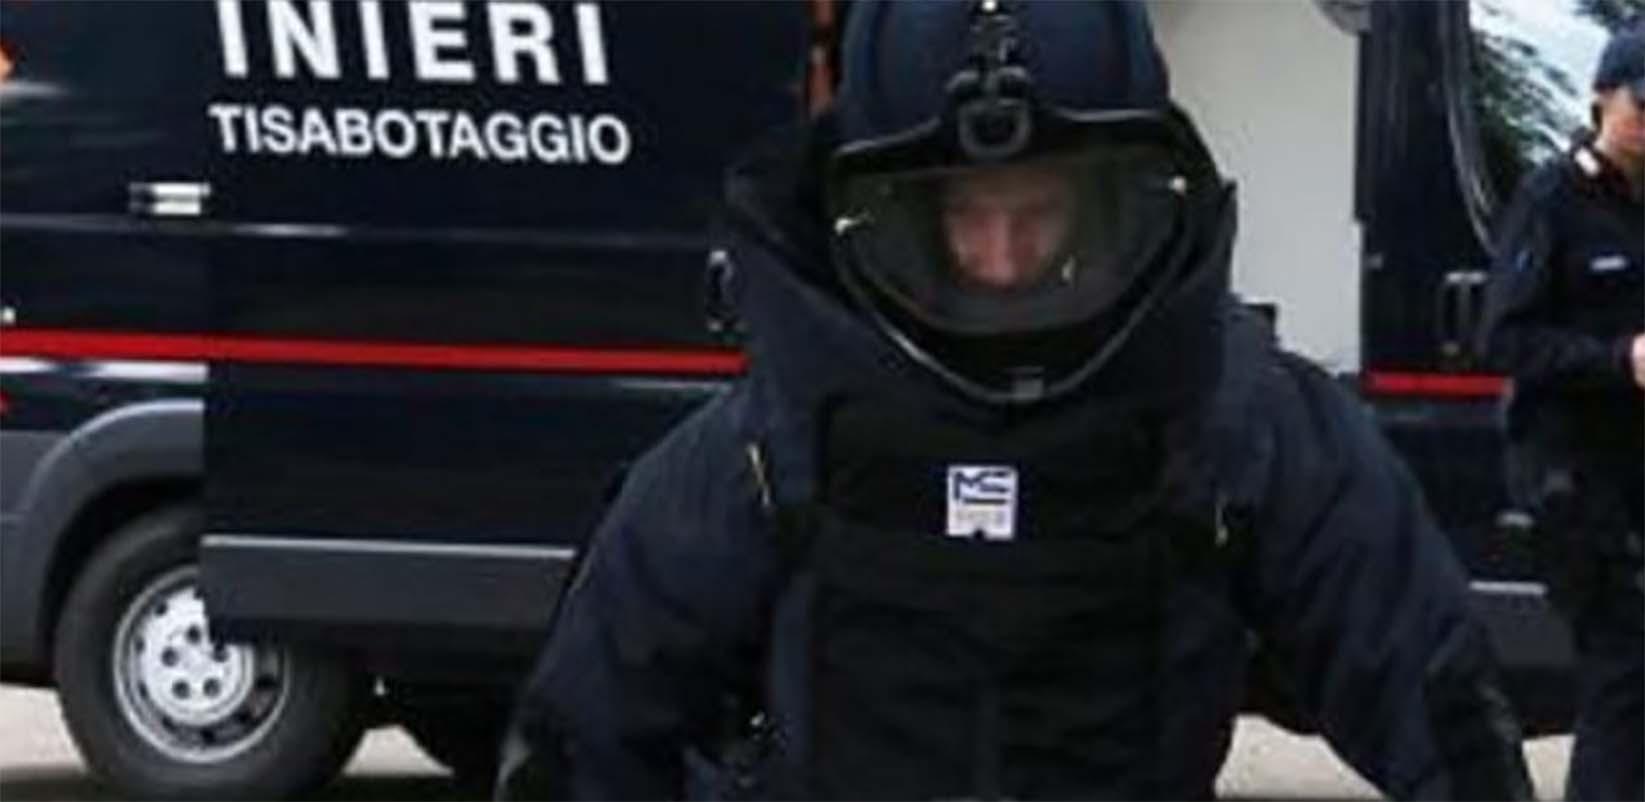 carabinieri amtisabotaggio